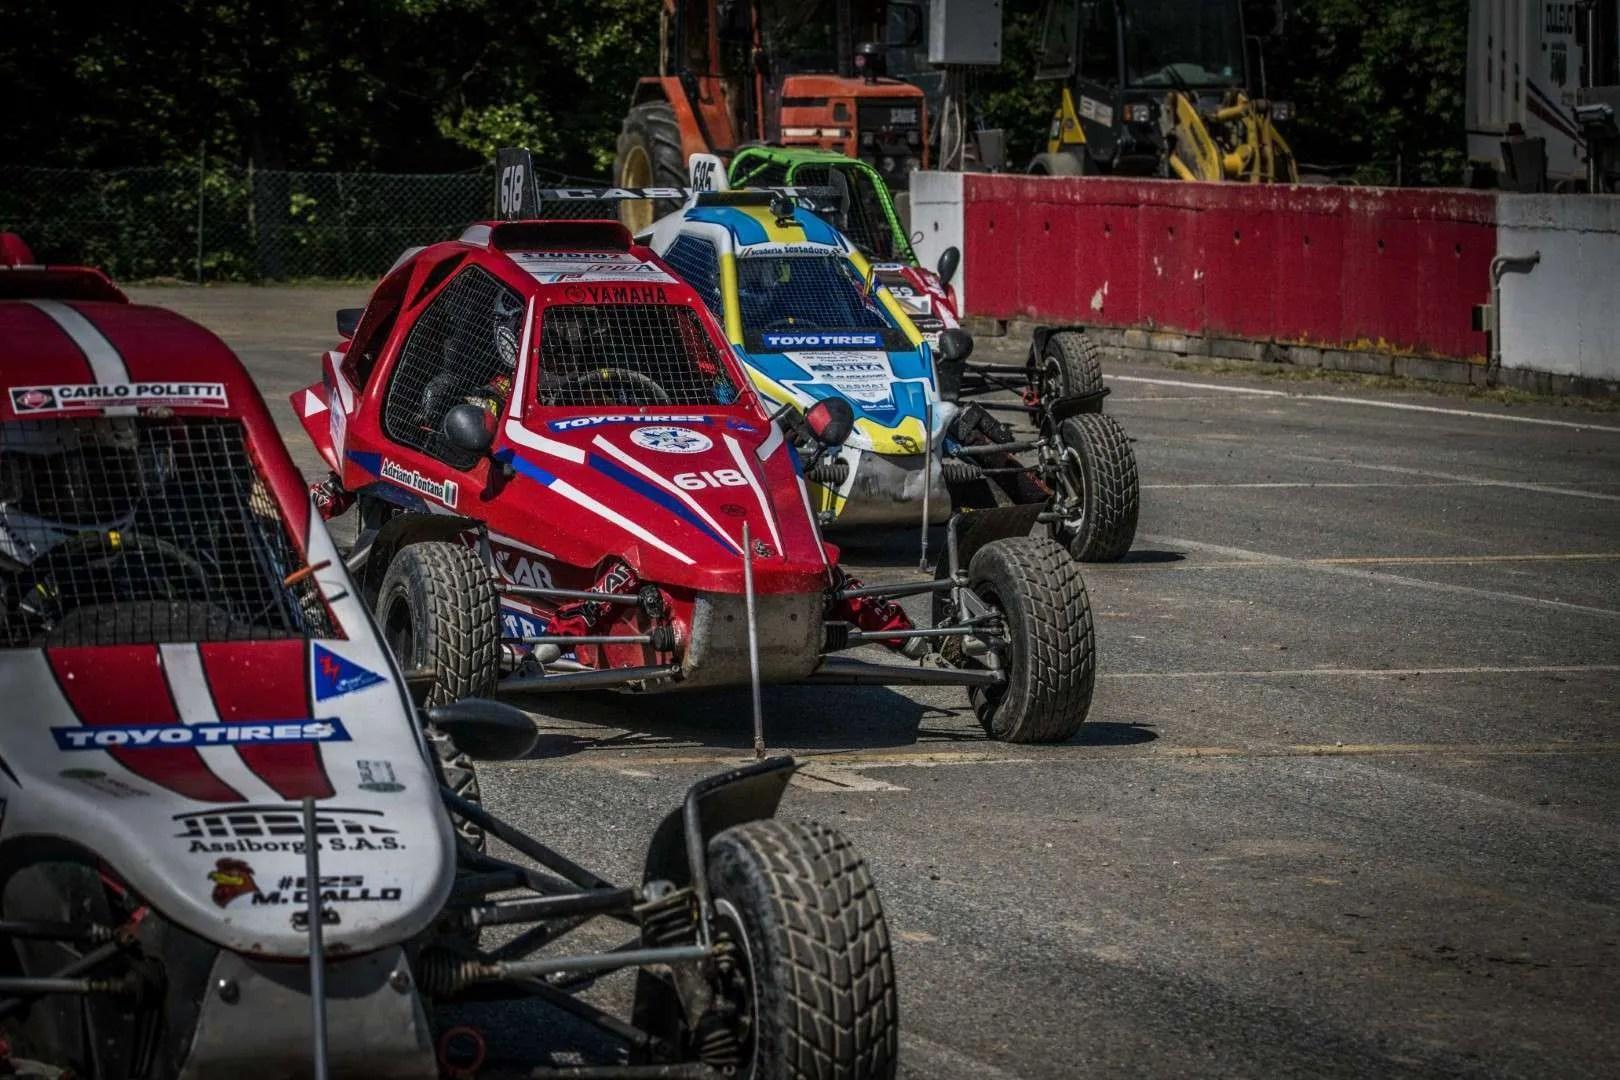 Campionato Italiano RX: Round 3, ci siamo!